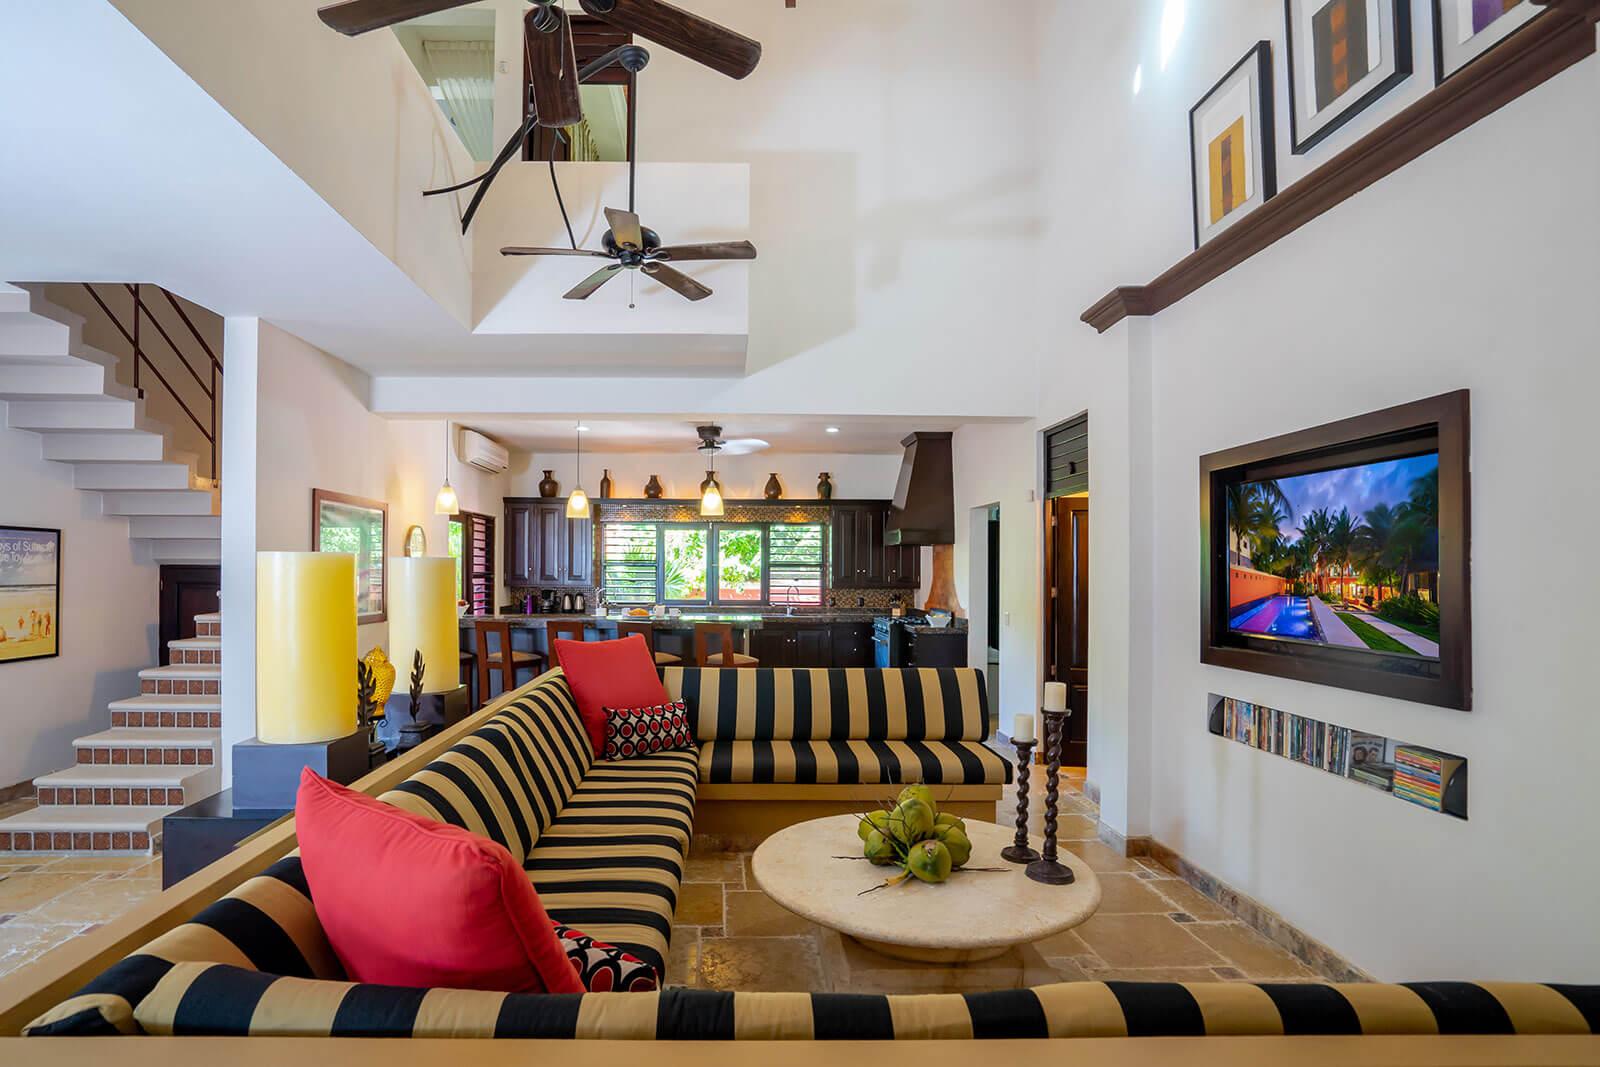 Maya_Luxe_Riviera_Maya_Luxury_Villas_Experiences_Soliman_Bay_6_Bedrooms_Casa_Buena_Suerte_15.jpg